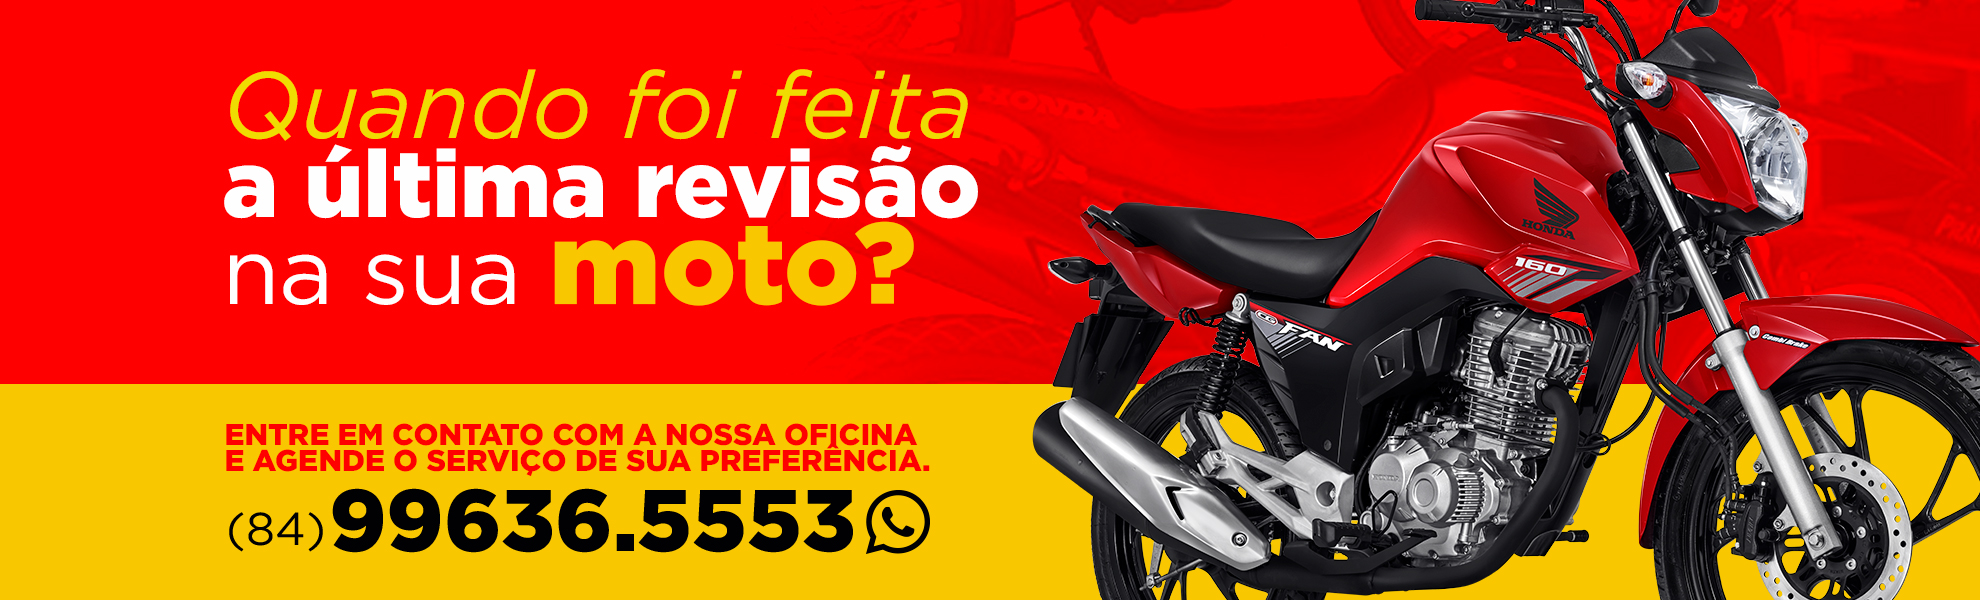 MOTOTEC-BANNER-SITE-03-REVISÃO